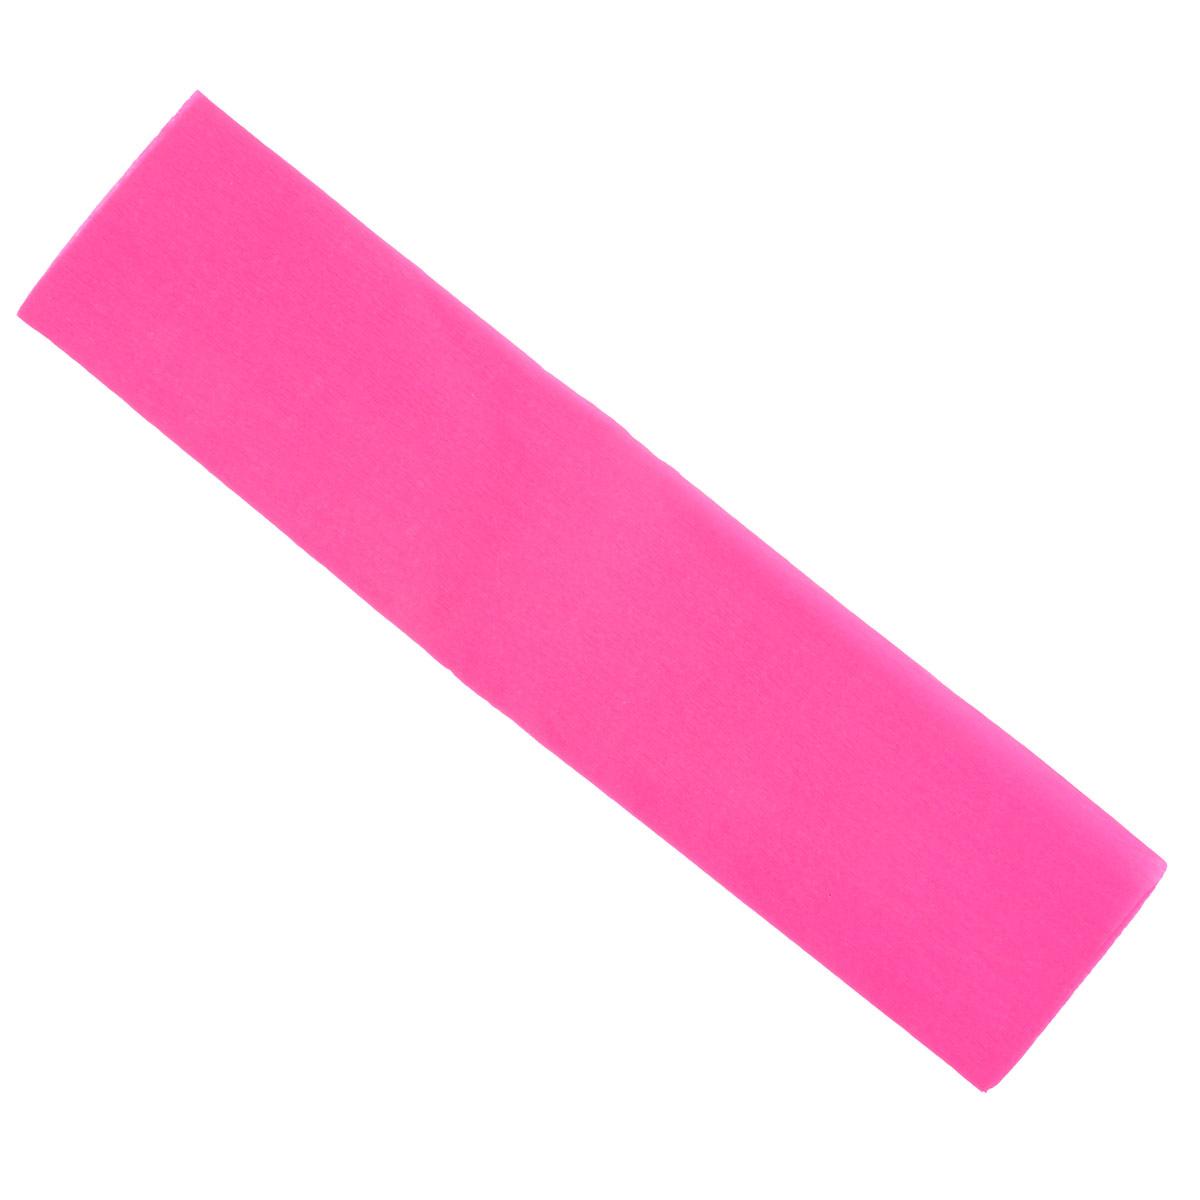 Крепированная бумага Hatber, флюоресцентная, цвет: розовый, 5 см х 25 смБк2ф_00018Цветная флюоресцентная бумага Hatber - отличный вариант для развития творчества вашего ребенка. Бумага с фактурным покрытием очень гибкая и мягкая, из нее можно создавать чудесные аппликации, игрушки, подарки и объемные поделки. Цветная флюоресцентная бумага Hatber способствует развитию фантазии, цветовосприятия и мелкой моторики рук. Размер бумаги - 5 см х 25 см.